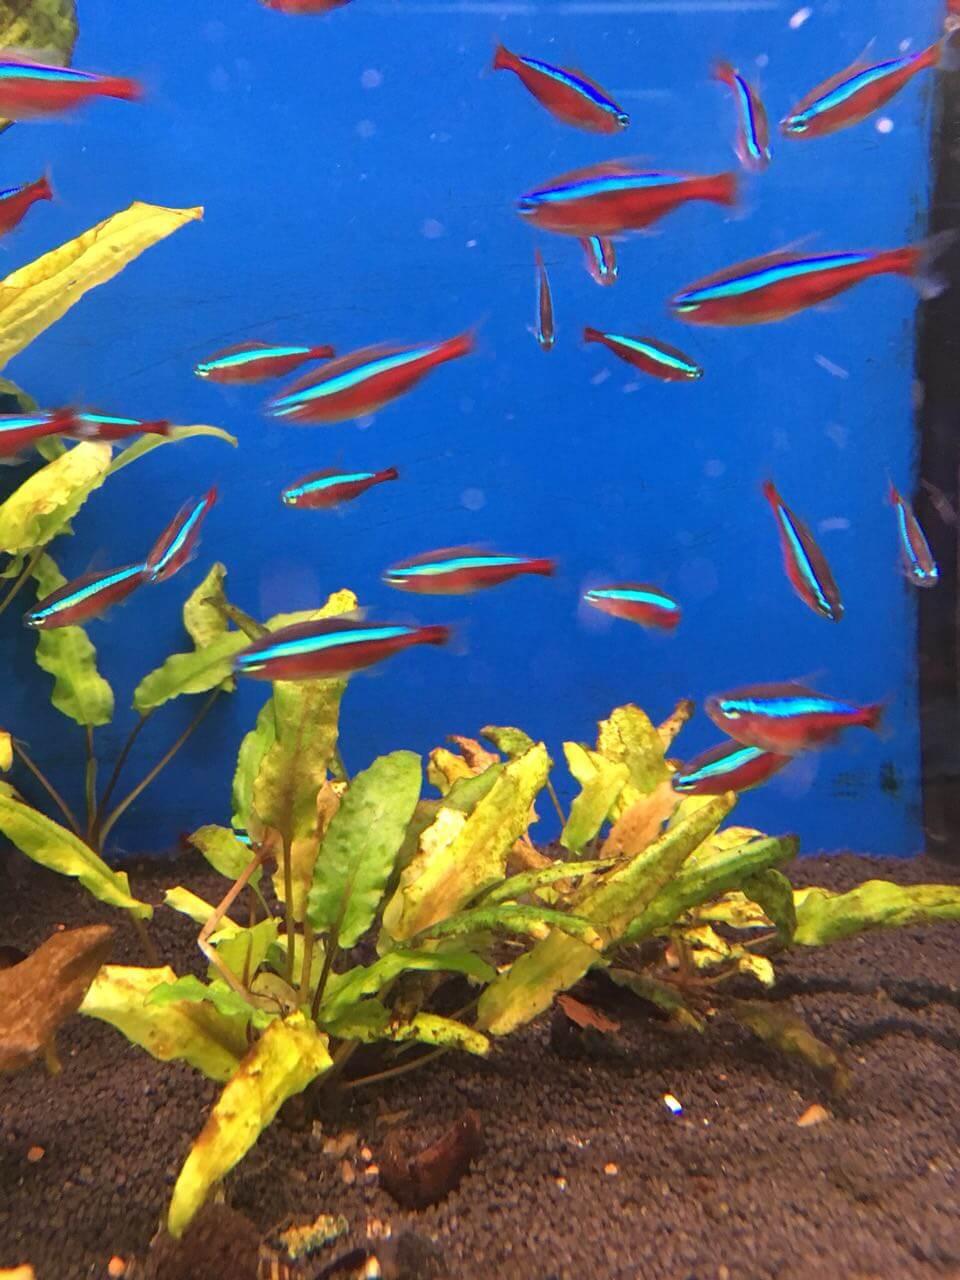 Roter Neon aus der Gruppe der salmartigen Fische